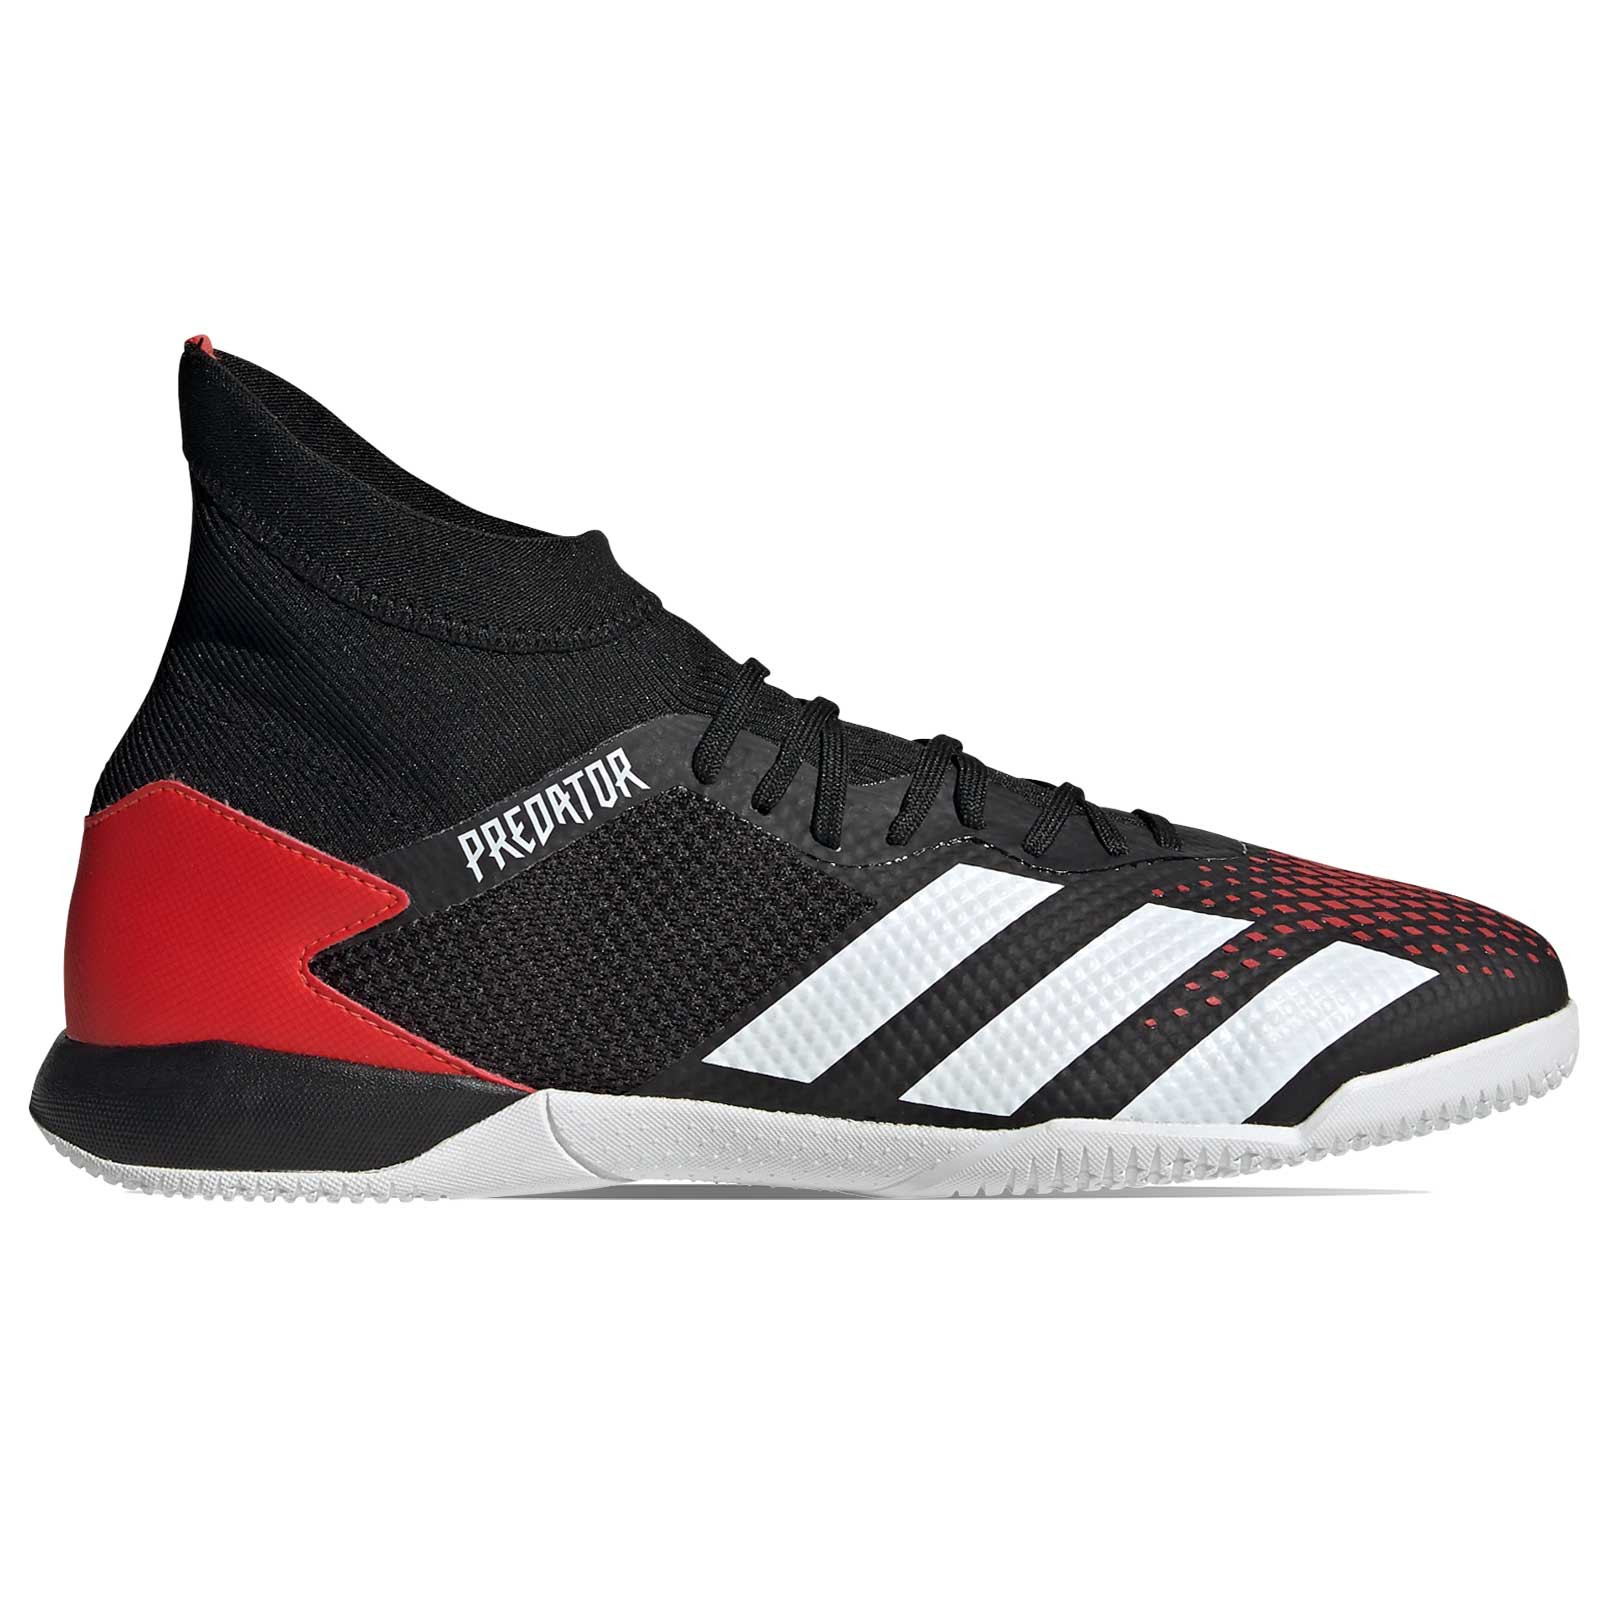 Bueno Muchos insalubre  Zapatillas adidas Predator 20.3 IN rojo negro |futbolmania